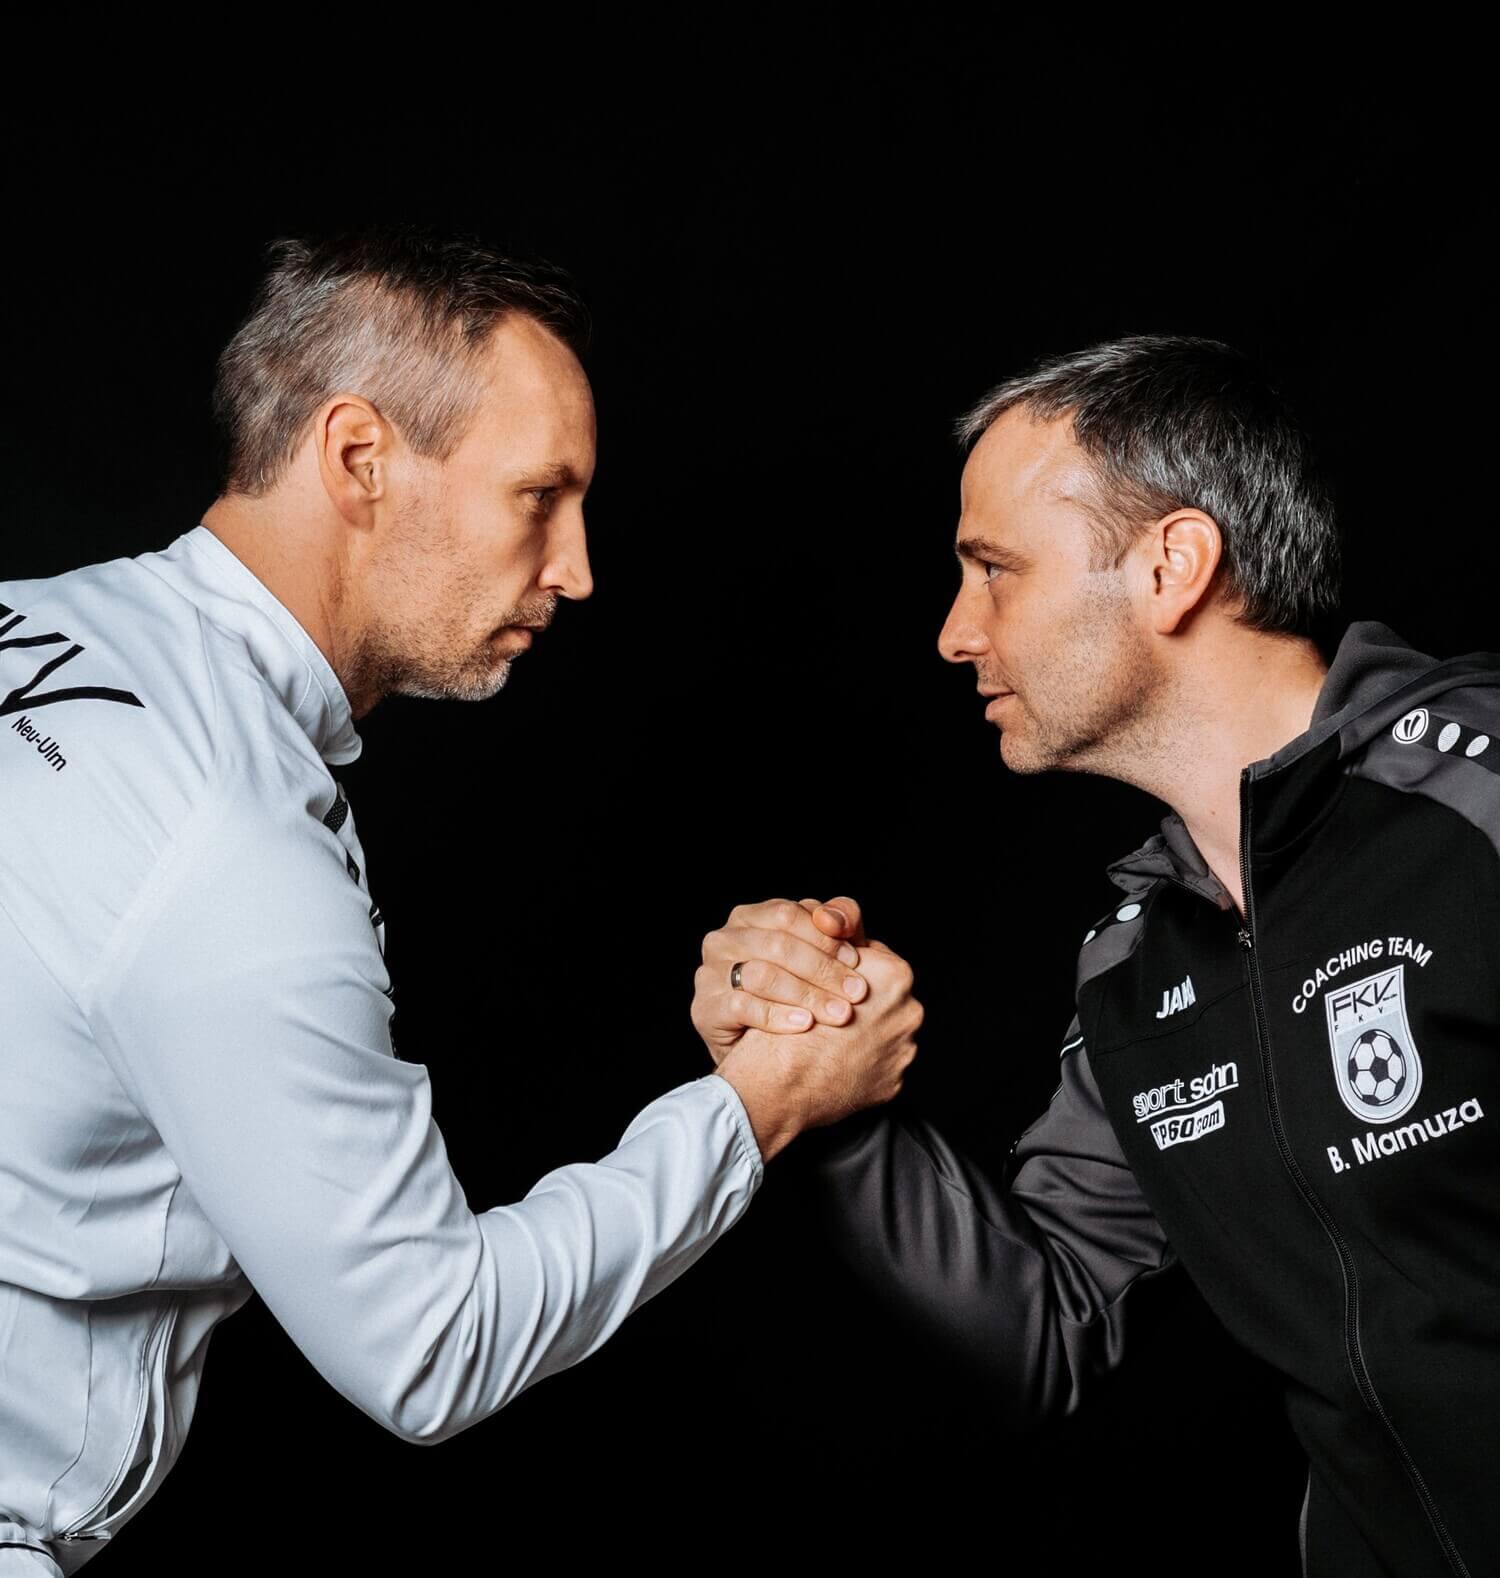 Timo Wenzel und Bozidar Mamuza machen einen Handschlag